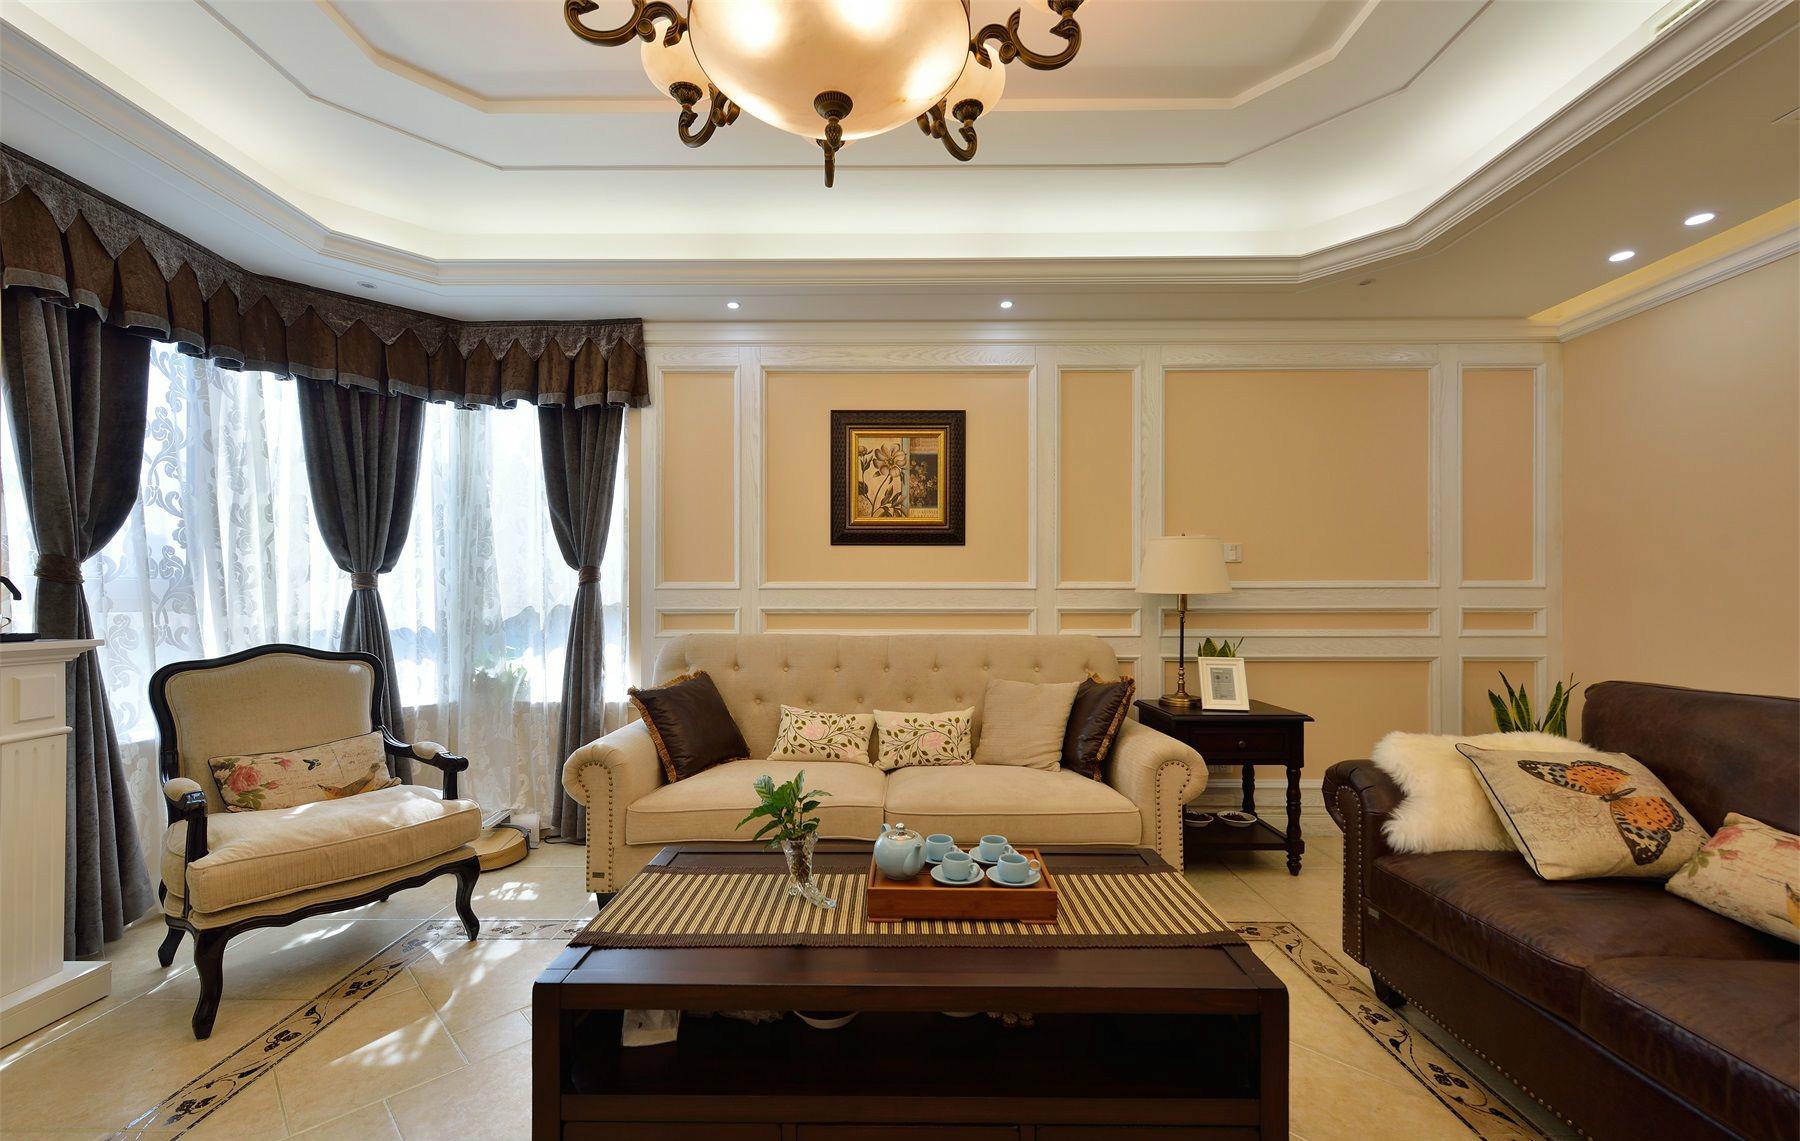 浅色的布艺沙发搭配彩色油画装饰很是别致